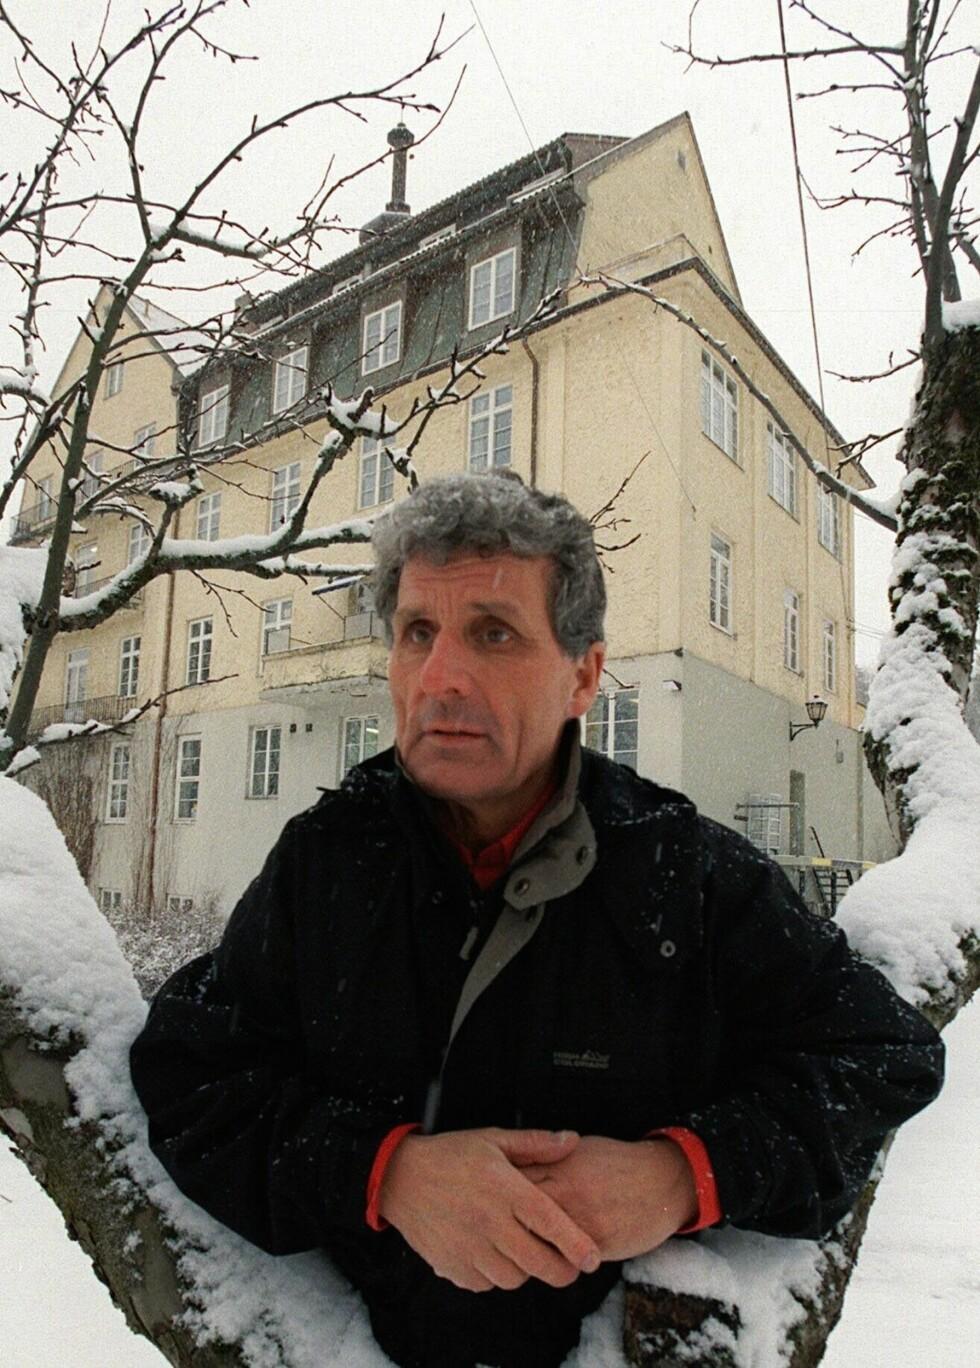 SØKTE ERSTATNING: Paul Hansen fotografert i 2010 foran bygget som rommet Lebensborn-hjemmet Godthaab i Bærum. Hansen er krigsbarn og ble erklært åndssvak som barn. Han har fire års skolegang og vokste opp på flere ulike barnehjem. I 2010 søkte han om erstatning fra staten for de krenkelsene han har opplevd.  Foto: NTB Scanpix